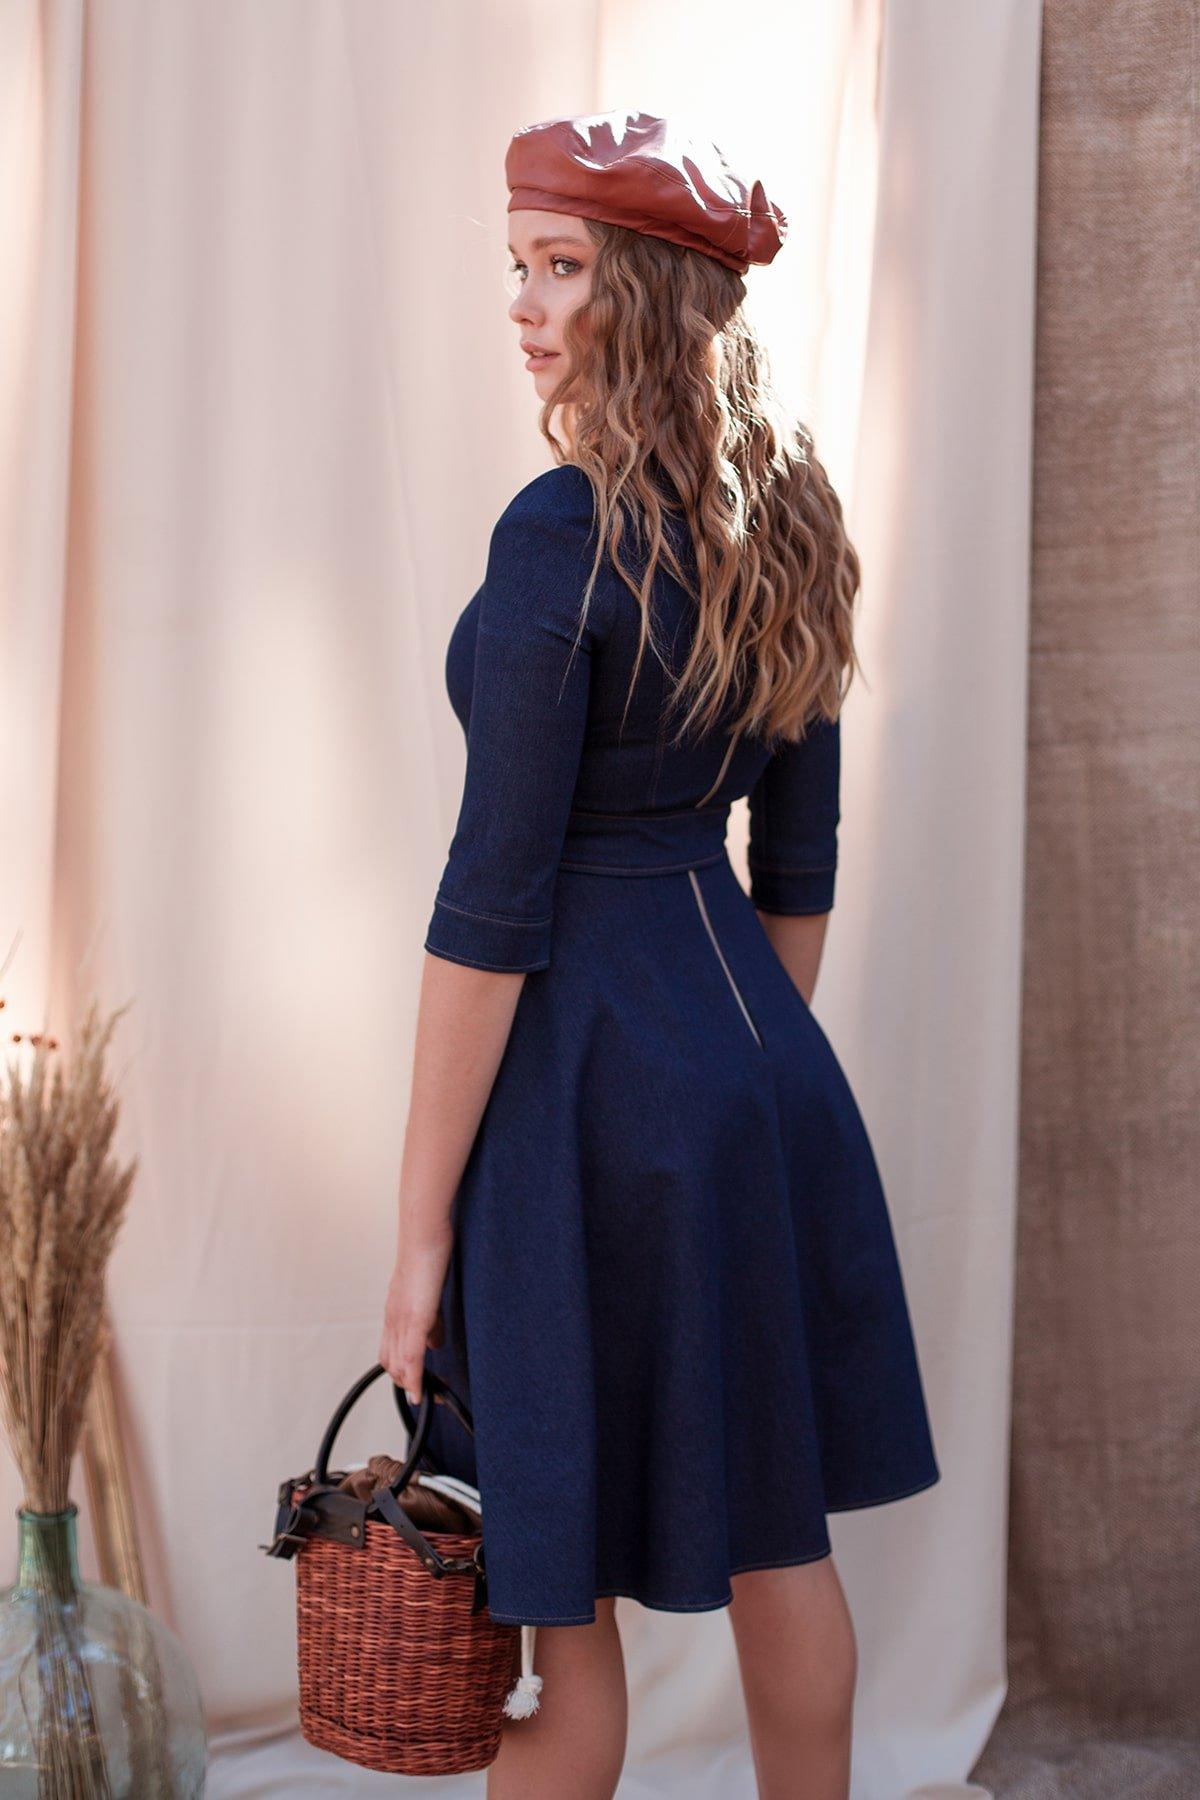 Повседневное платье джинс темный Лелли 7992 Цвет: Джинс синий